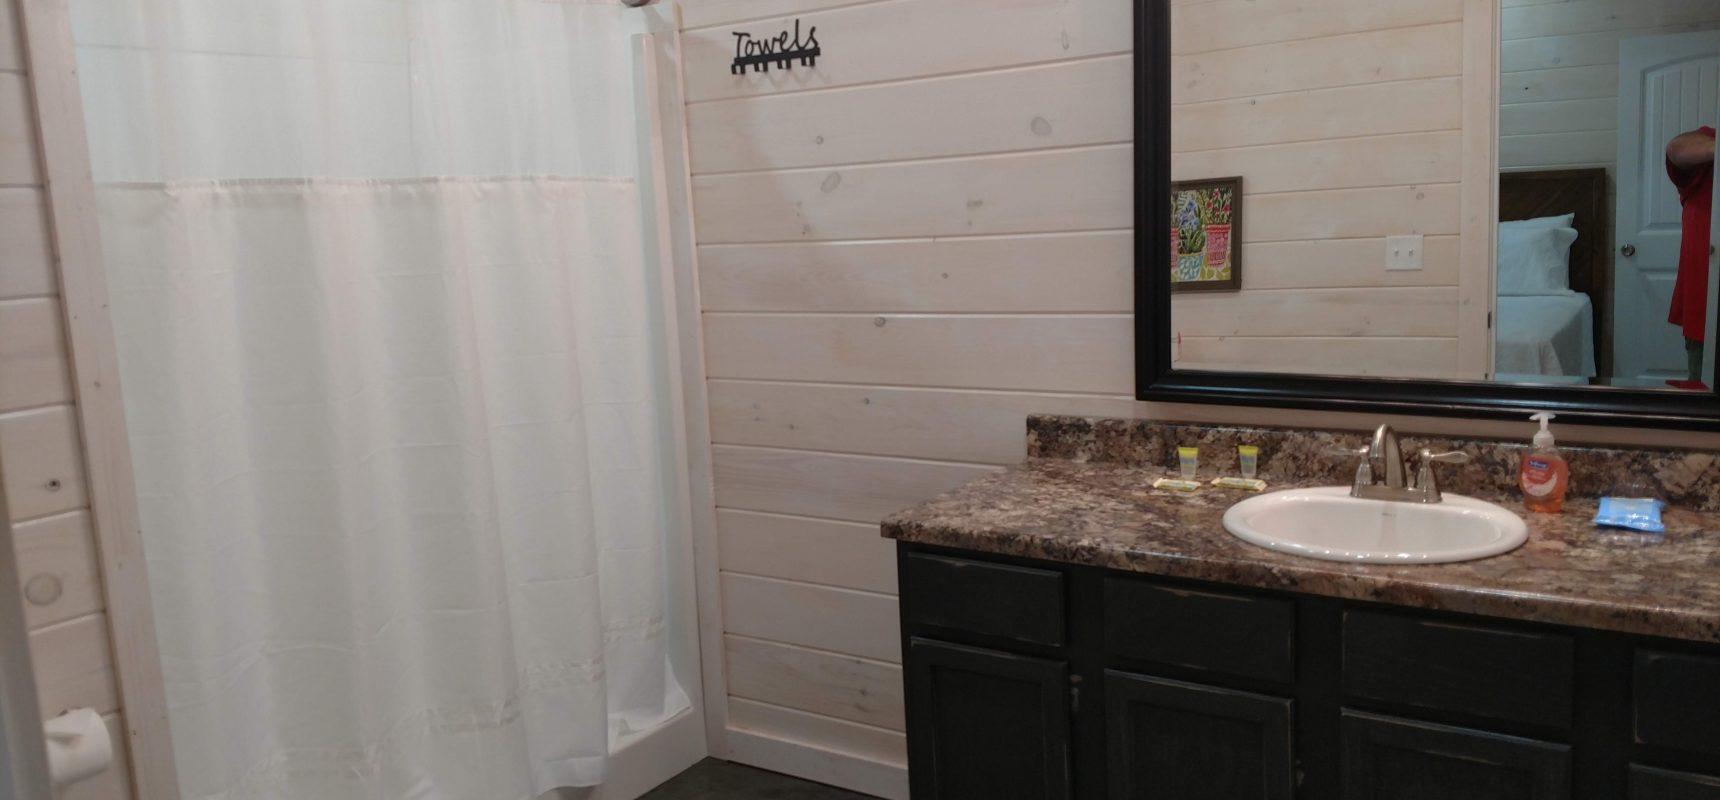 King Cabin 6 Bathroom 1